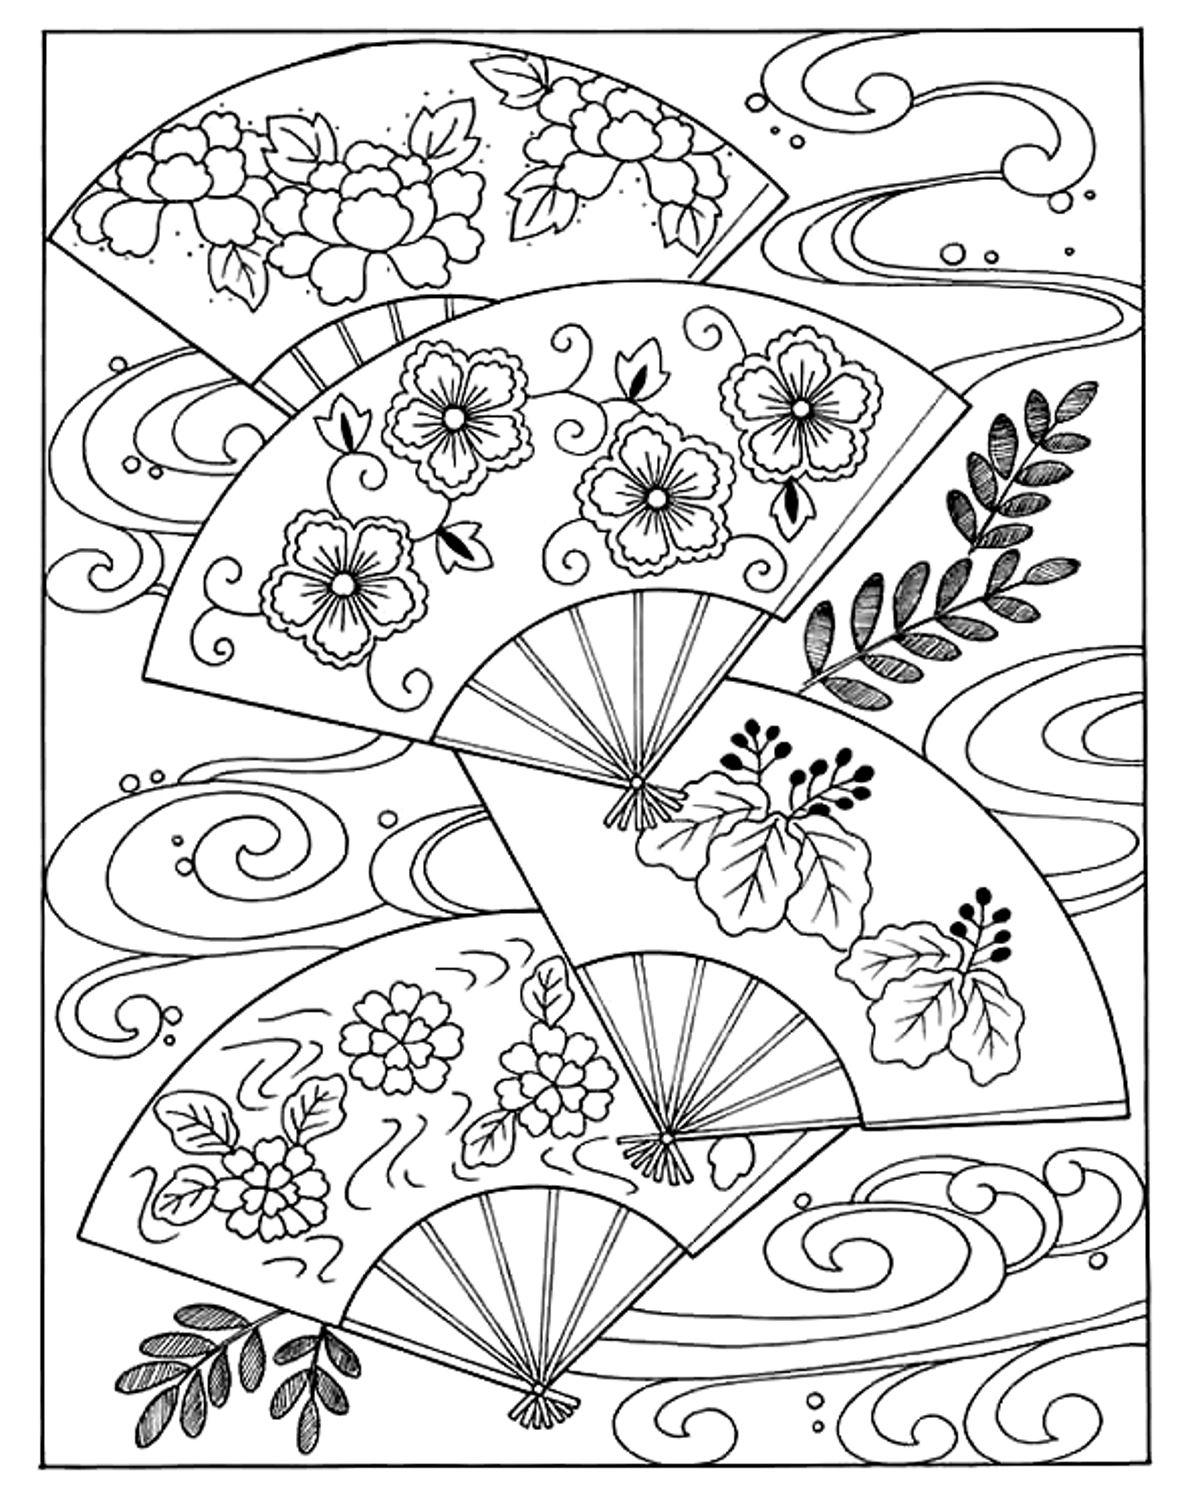 Disegni da colorare per adulti : Giappone - 24